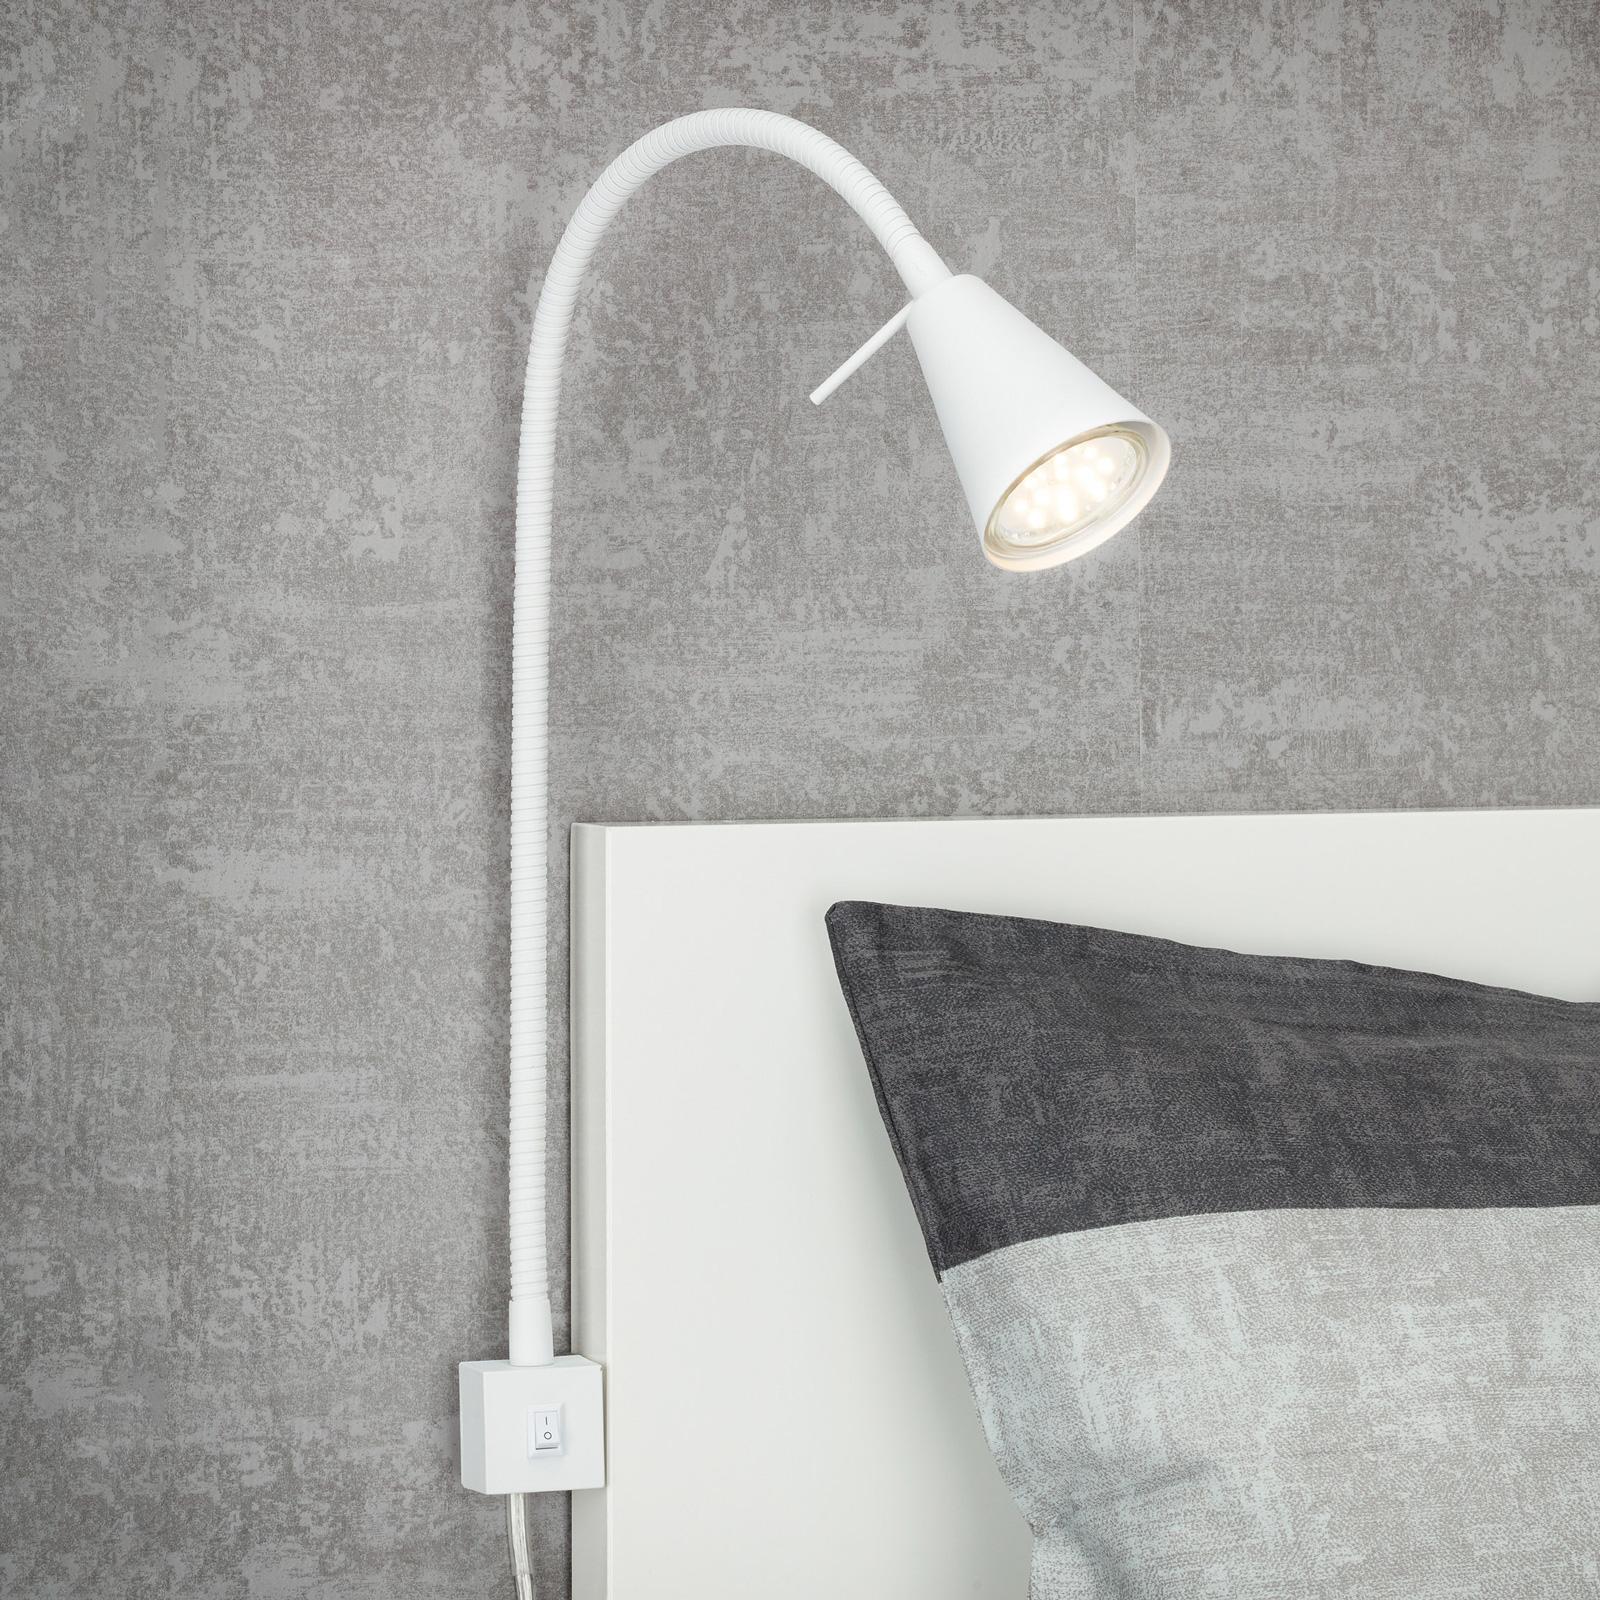 LED-Wandlampe 2080 zur Montage am Bett, weiß